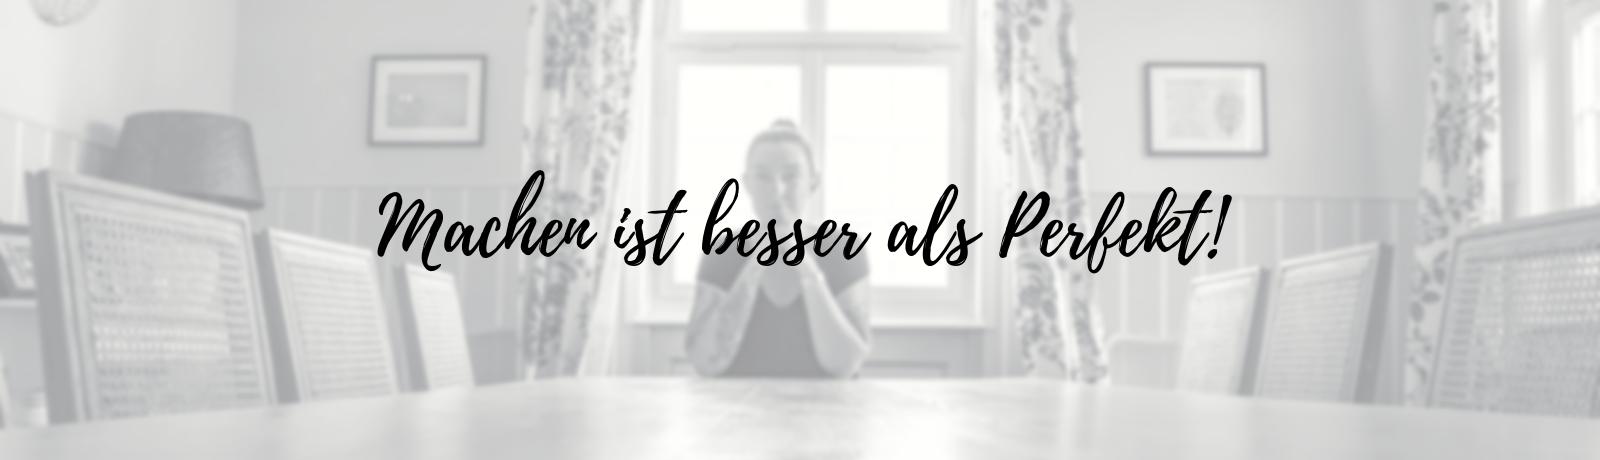 PROJEKTSCHMIEDEREI - Sabrina Fischäß - 'Machen ist besser als Perfekt!'